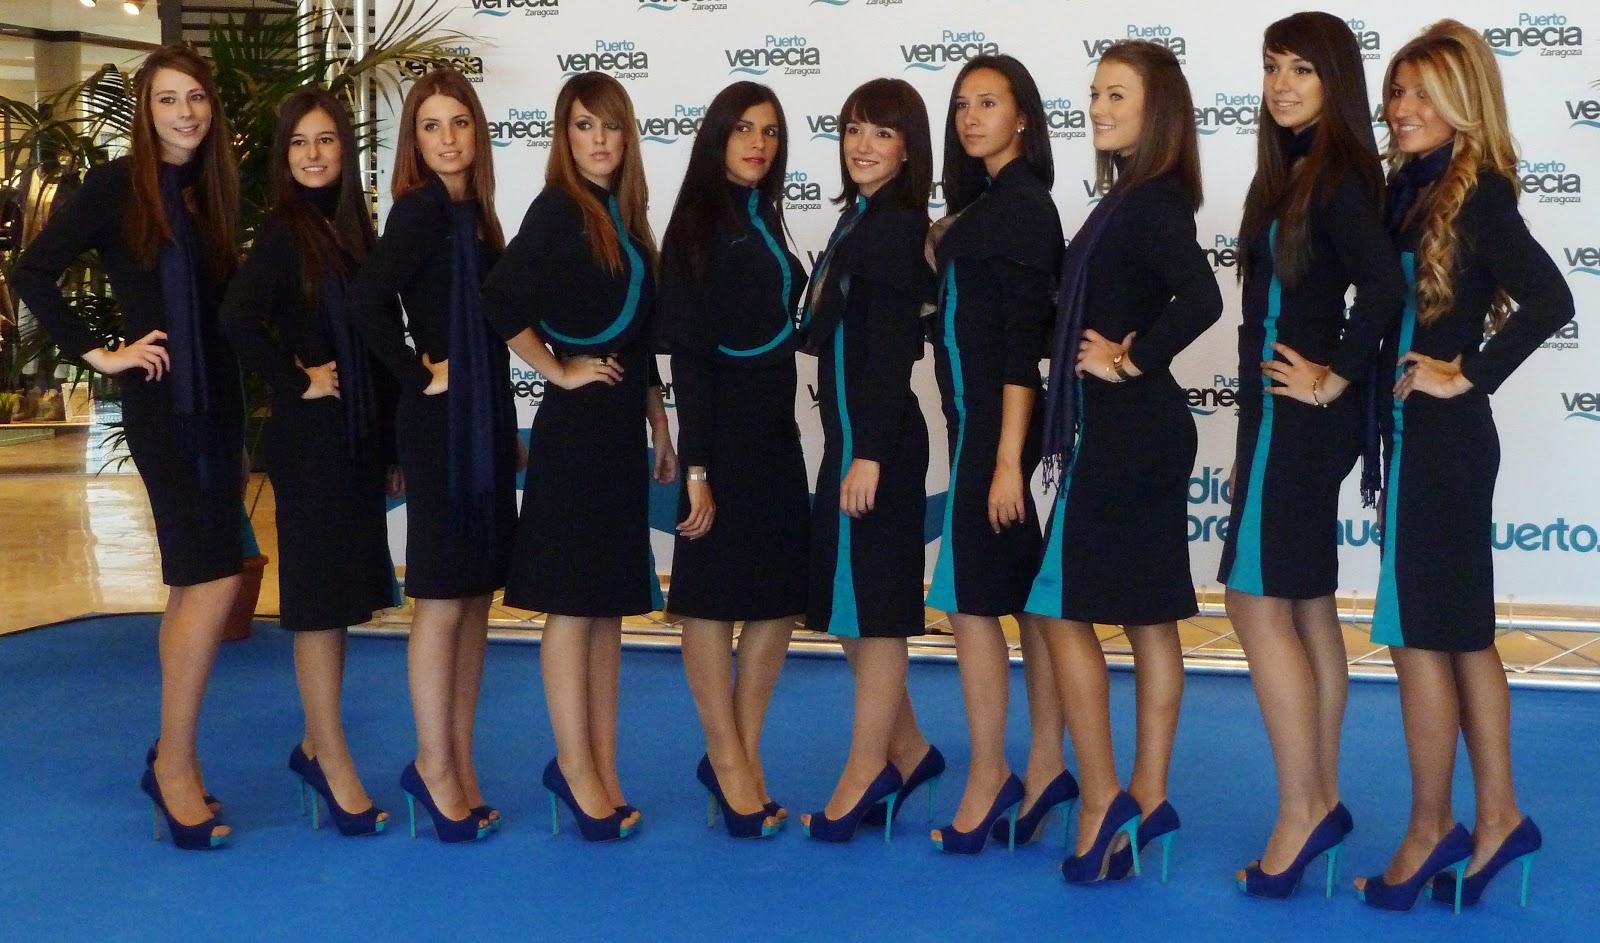 La importancia de la vestimenta de las azafatas y promotoras